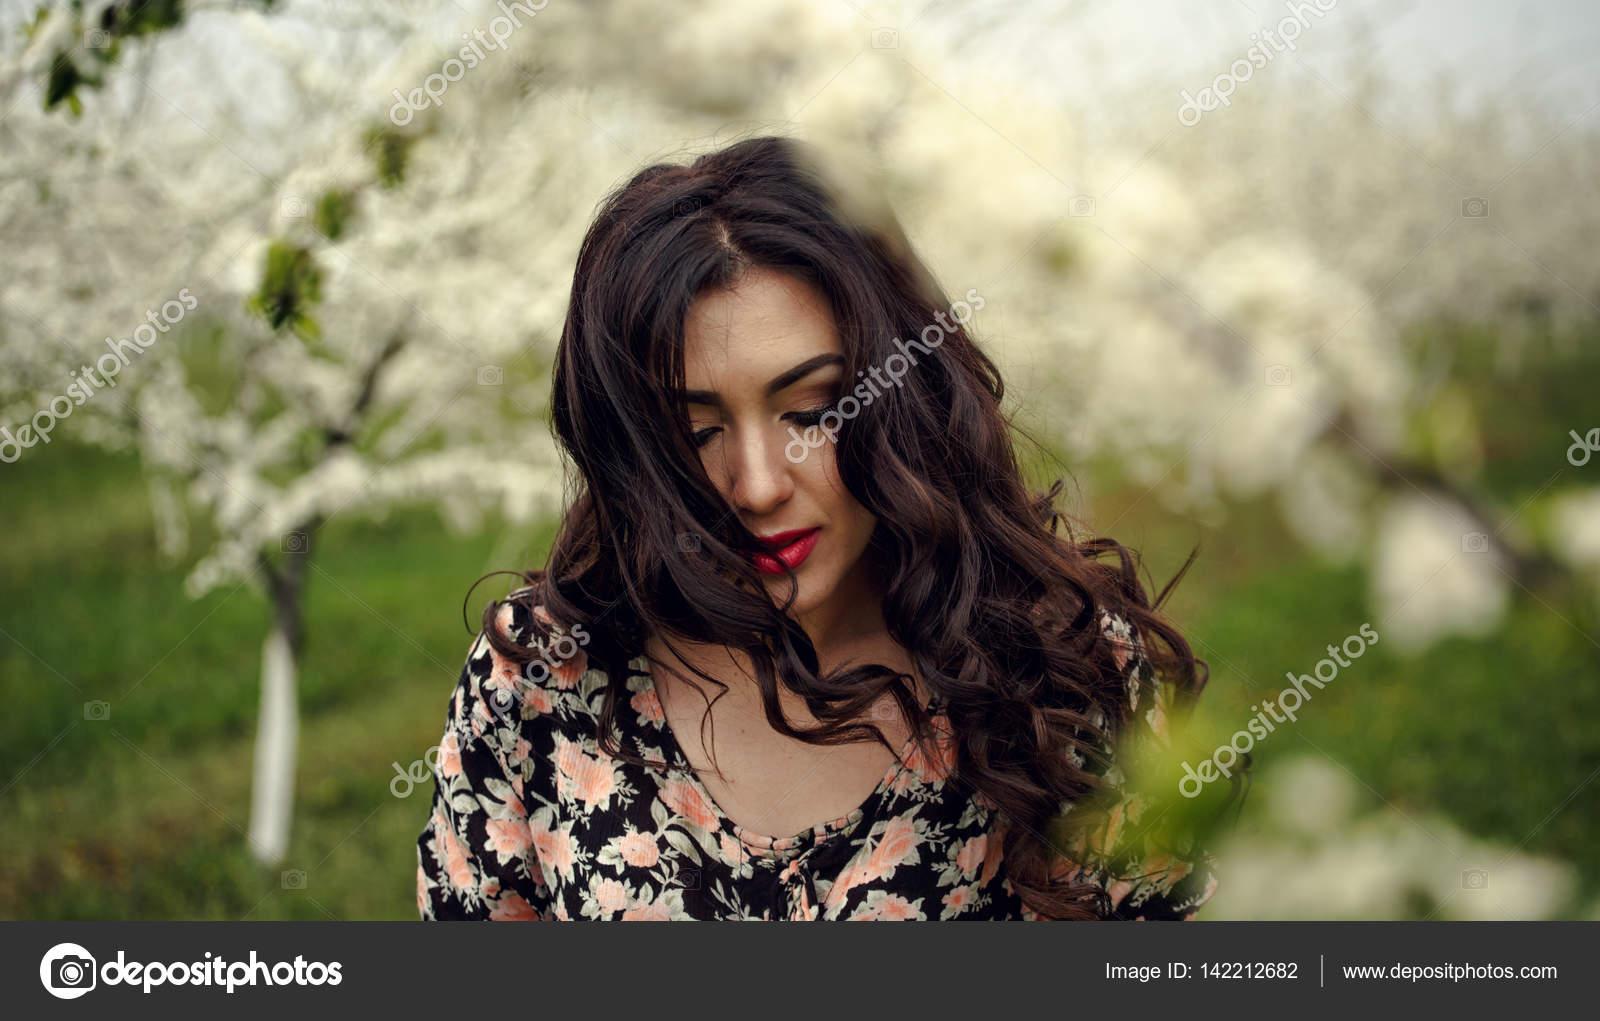 Ебут фото красивых девушек брюнеток вдали